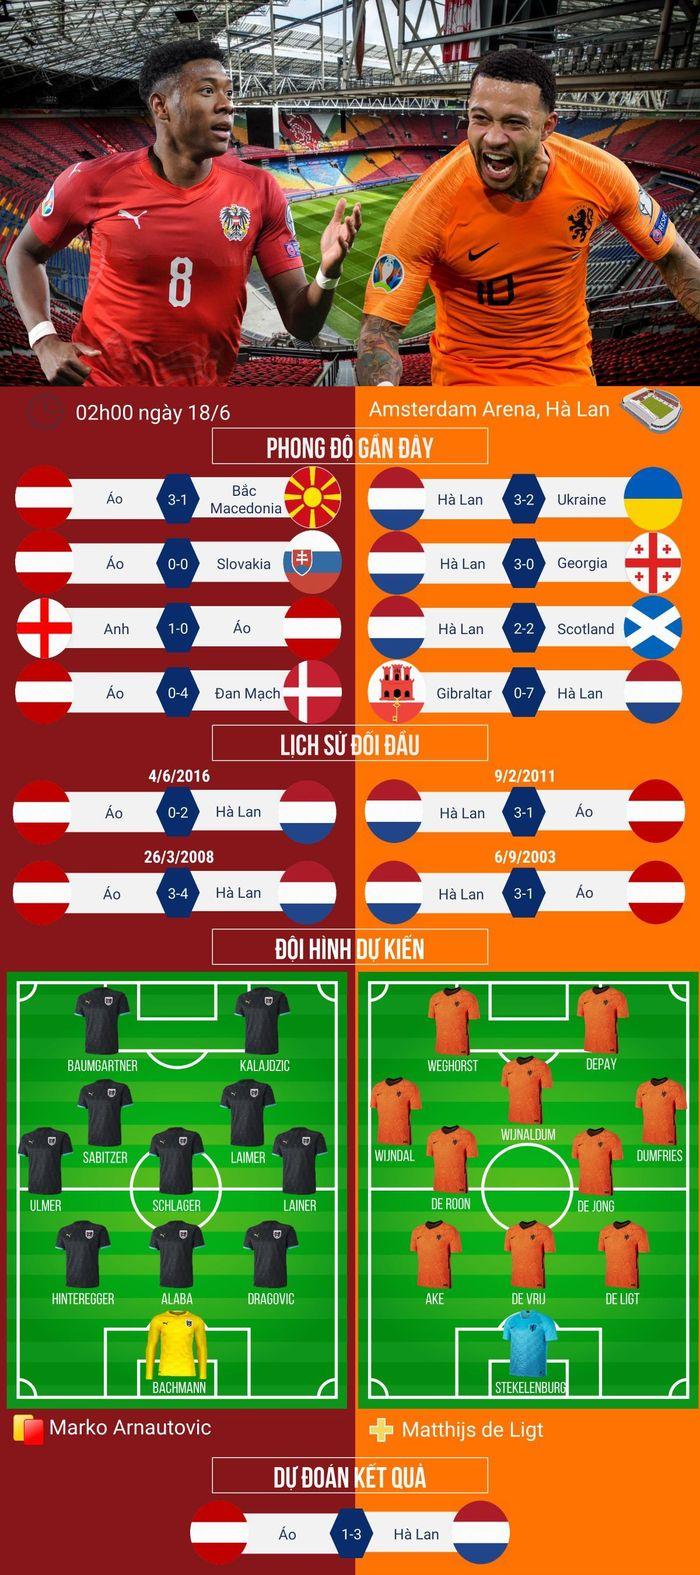 Dự đoán tỷ số, đội hình xuất phát trận Hà Lan vs Áo